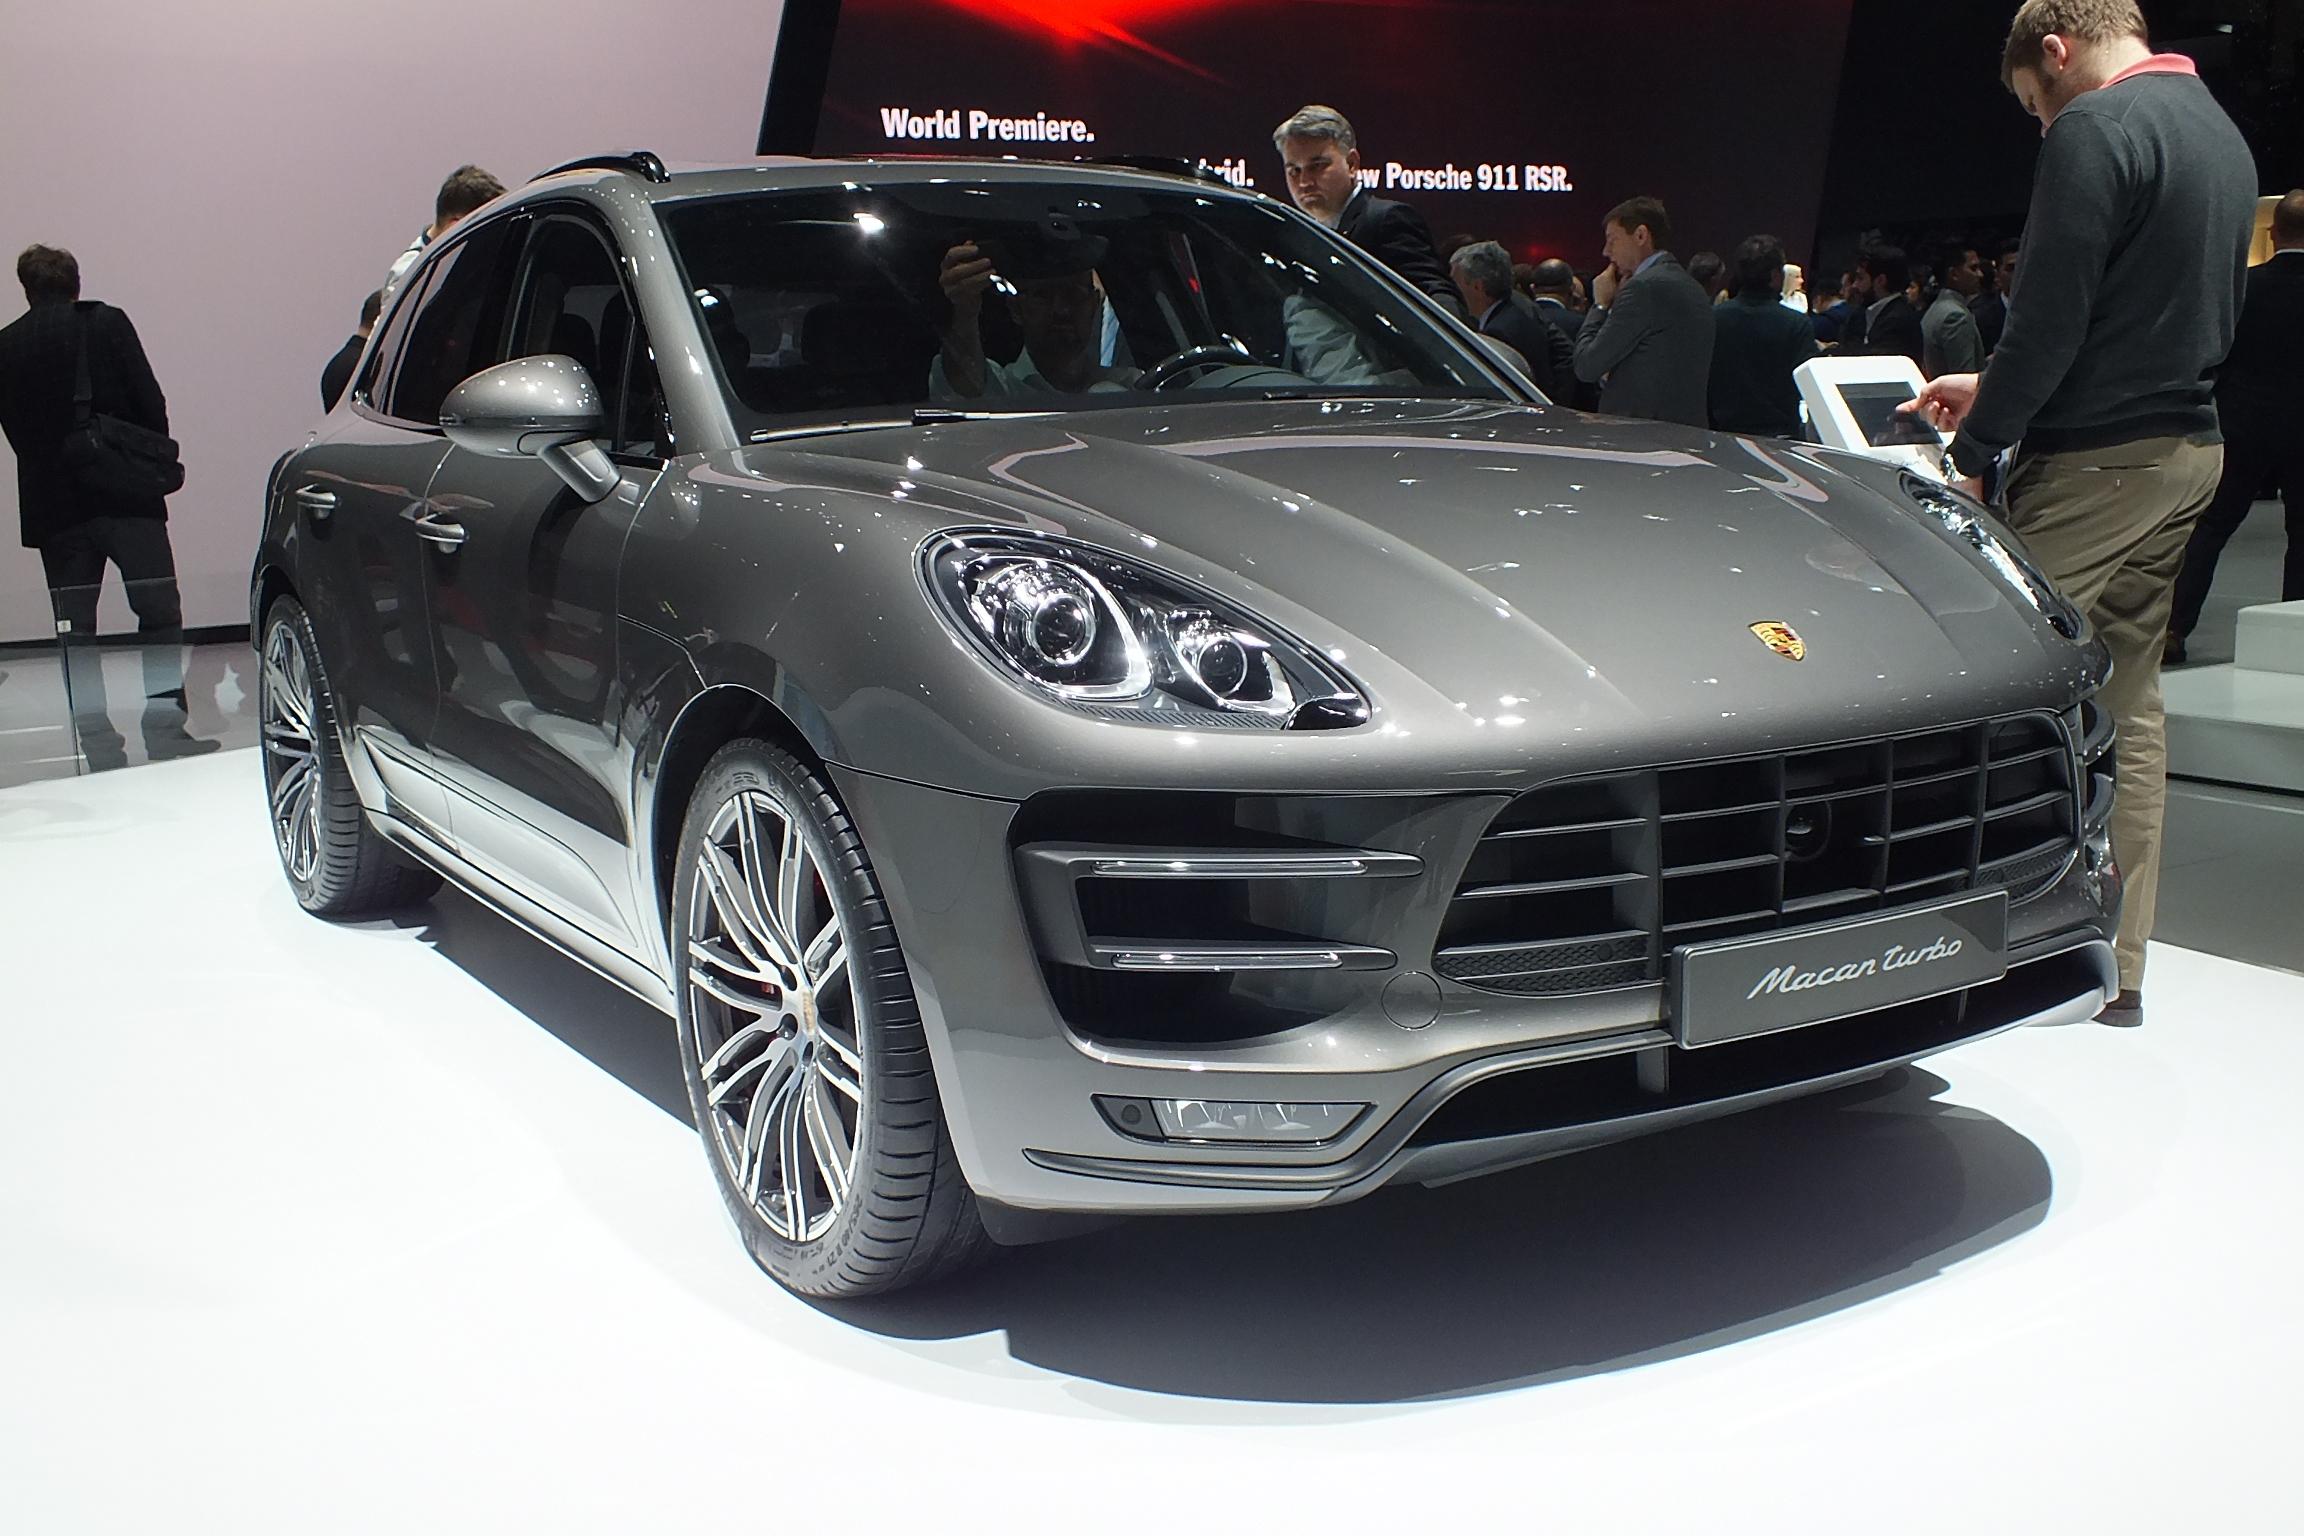 http://images.caradisiac.com/images/2/8/2/2/92822/S0-En-direct-de-Geneve-2014-Porsche-Macan-ambitieux-315981.jpg